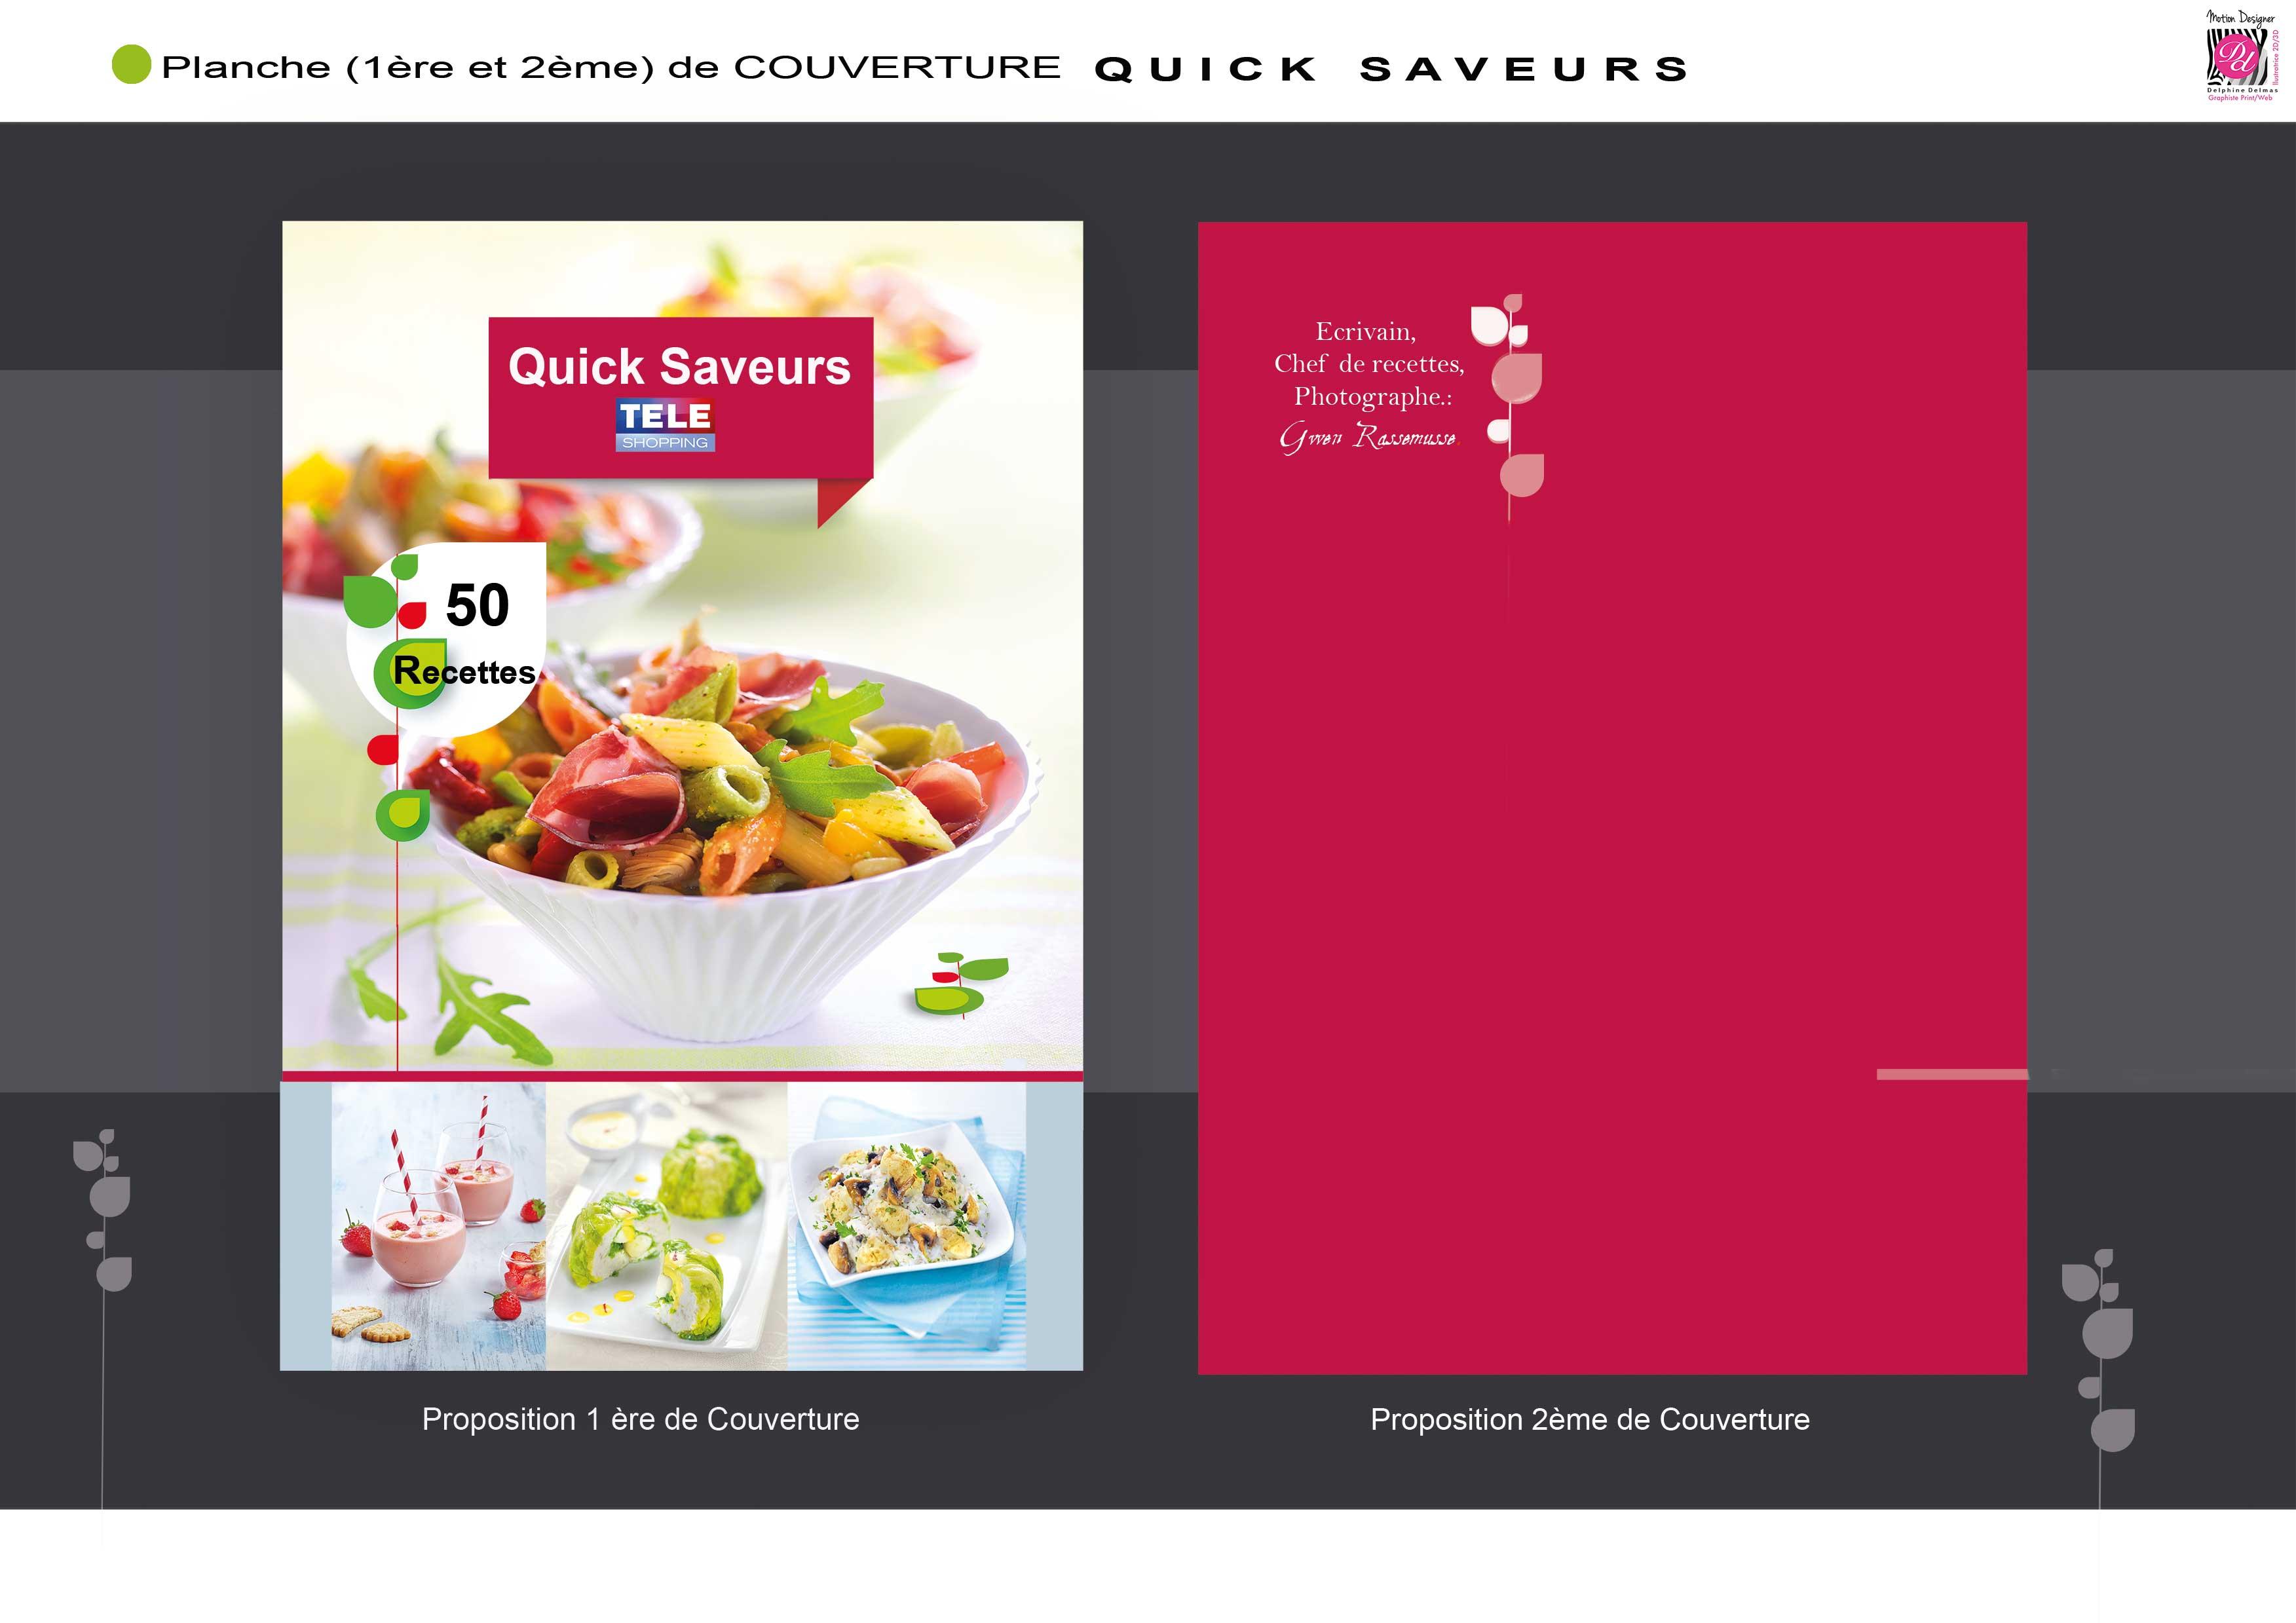 planche2web-Couverture_QUICKSAVEURS